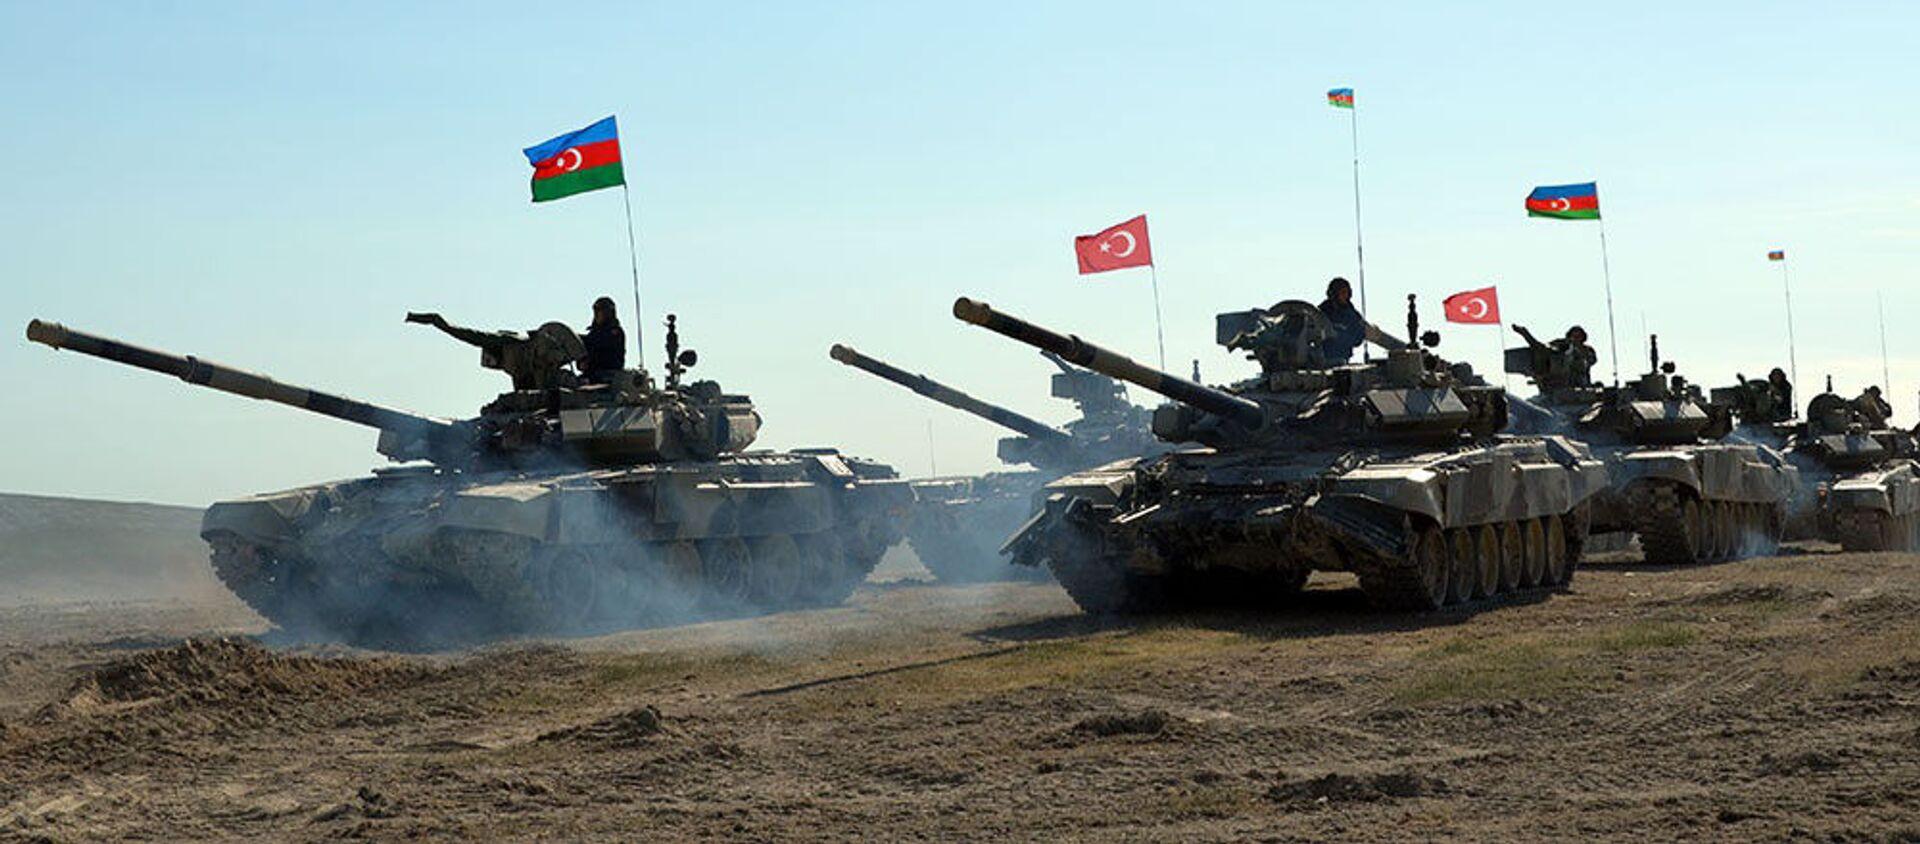 Турецко-азербайджанские совместные тактические учения (май 2017). - Sputnik Армения, 1920, 29.09.2020